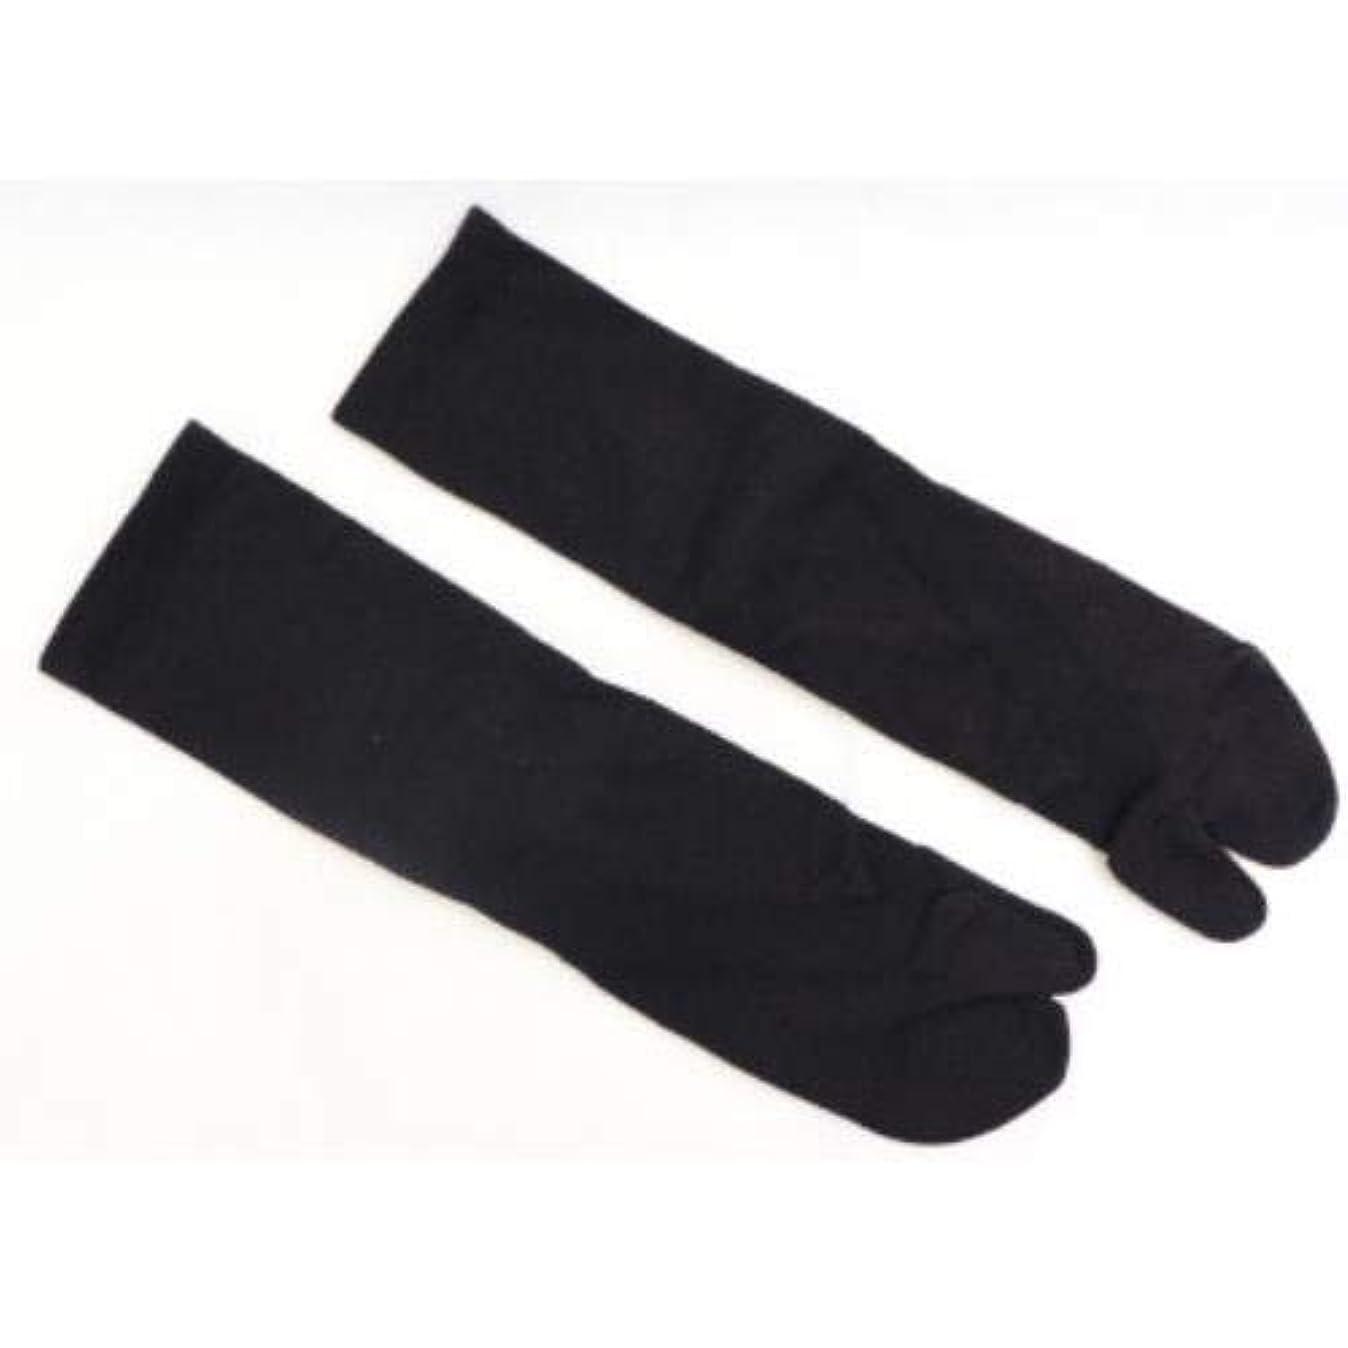 ブルゴーニュ現在底さとう式 フレクサーソックス クルー 黒 (L) 足袋型